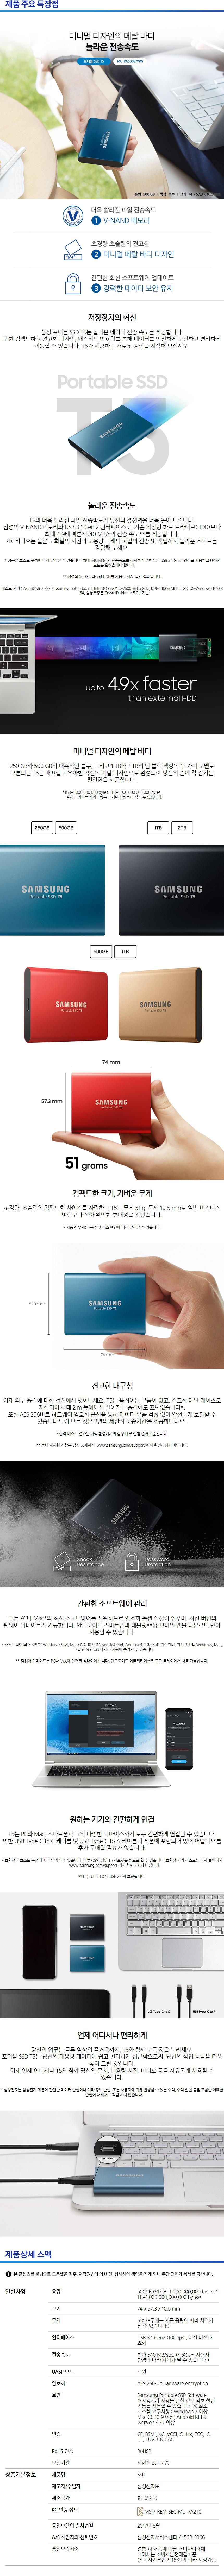 삼성전자(SAMSUNG ELECTRONICS) 외장SSD T5 500GB 블루